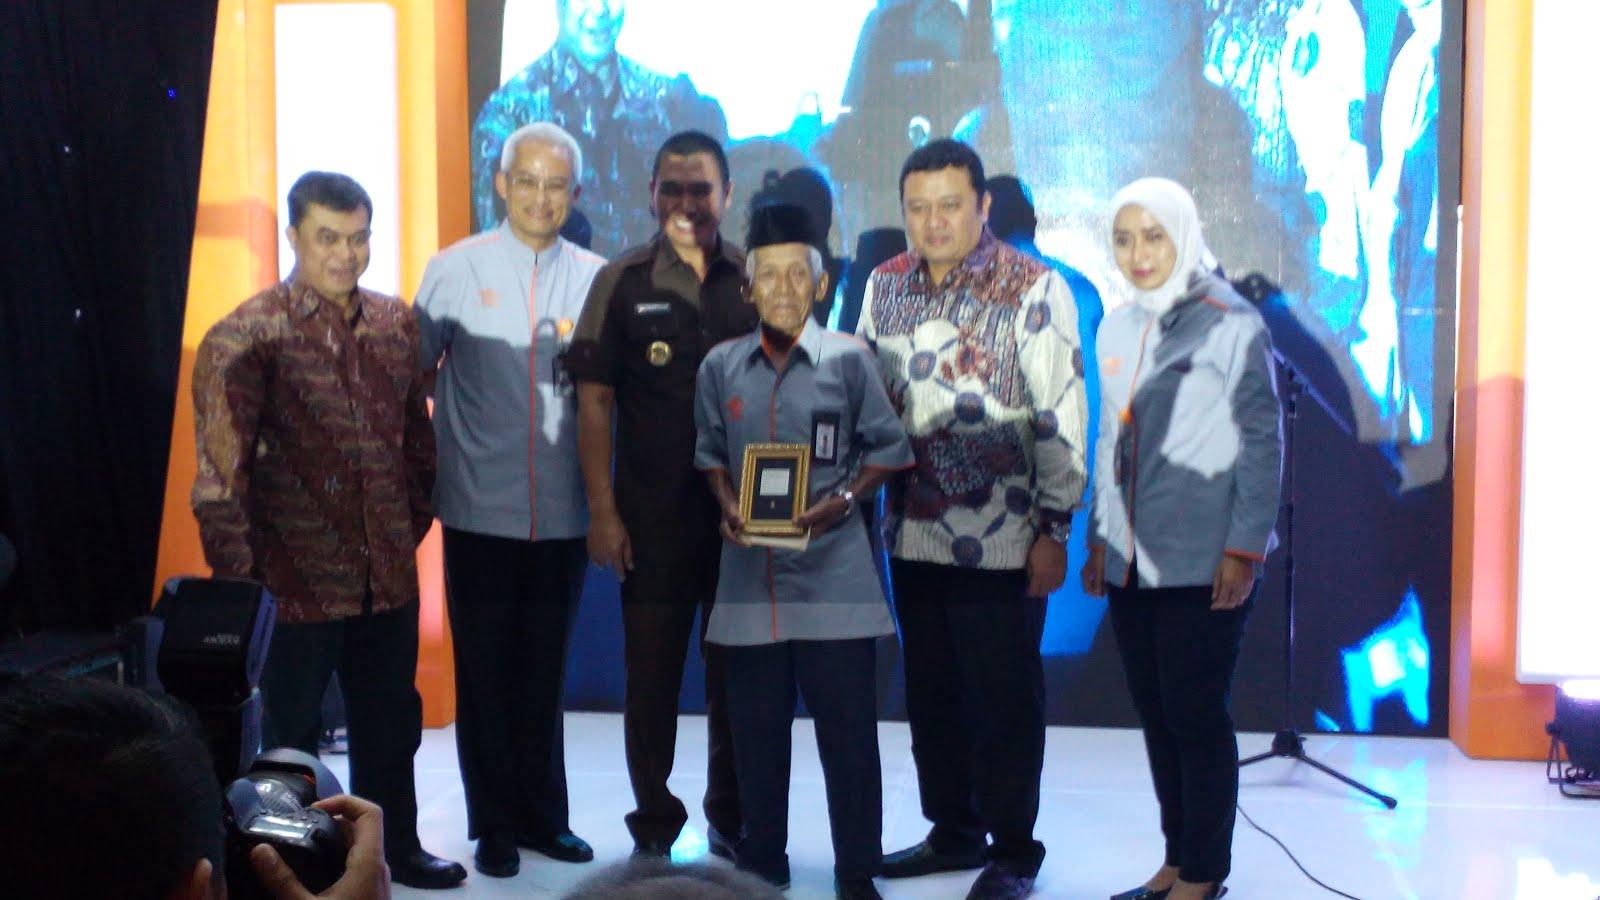 Jalin Mou Dengan Pos Indonesia Untuk Permudah Masyarakat Membeli